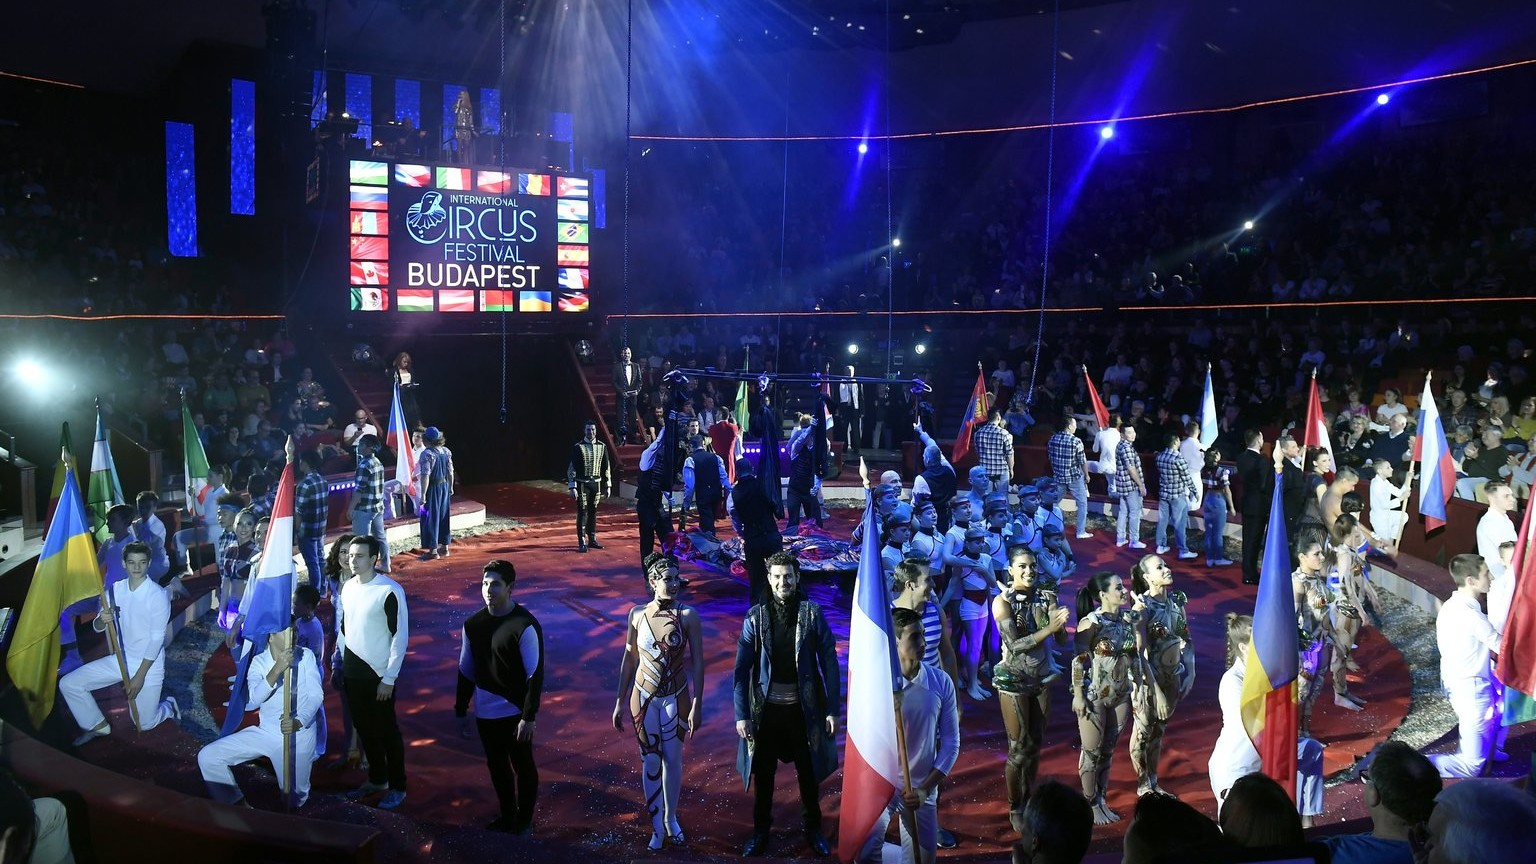 """Képtalálat a következőre: """"Január 9-én az A-műsorral kezdődött a XII. Budapest Nemzetközi Cirkuszfesztivál hivatalos szakmai programja!"""""""